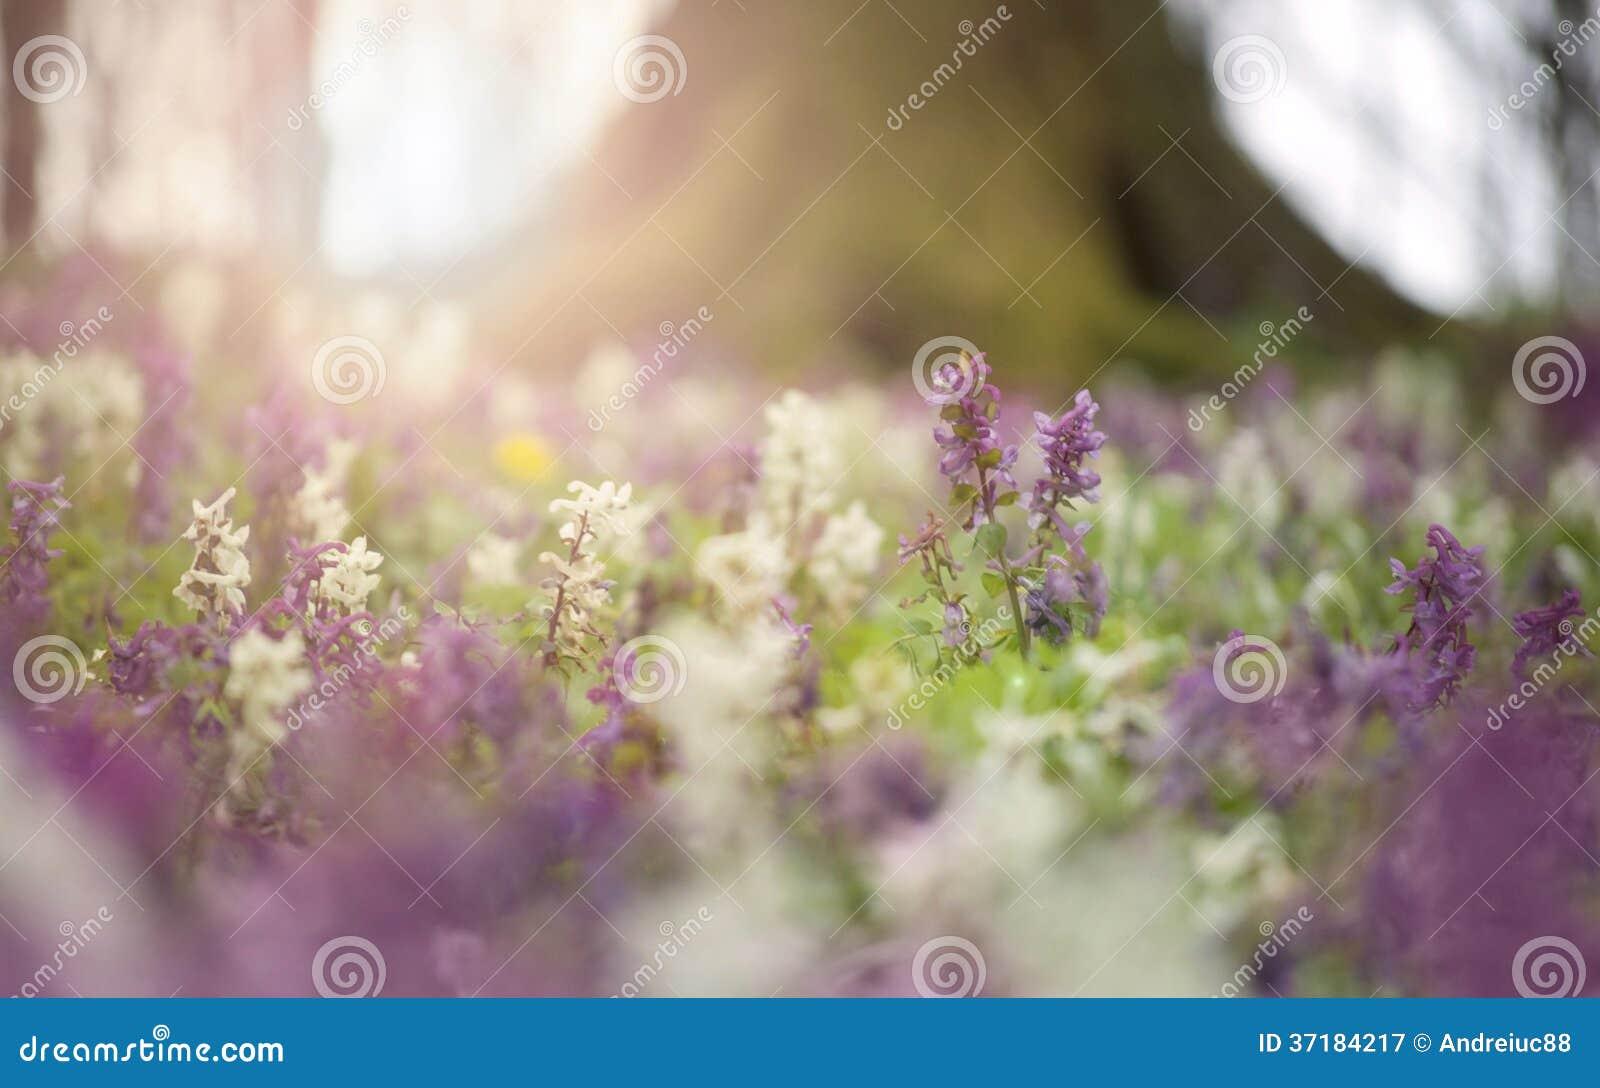 Bloemen in bloei in een bos in de lente